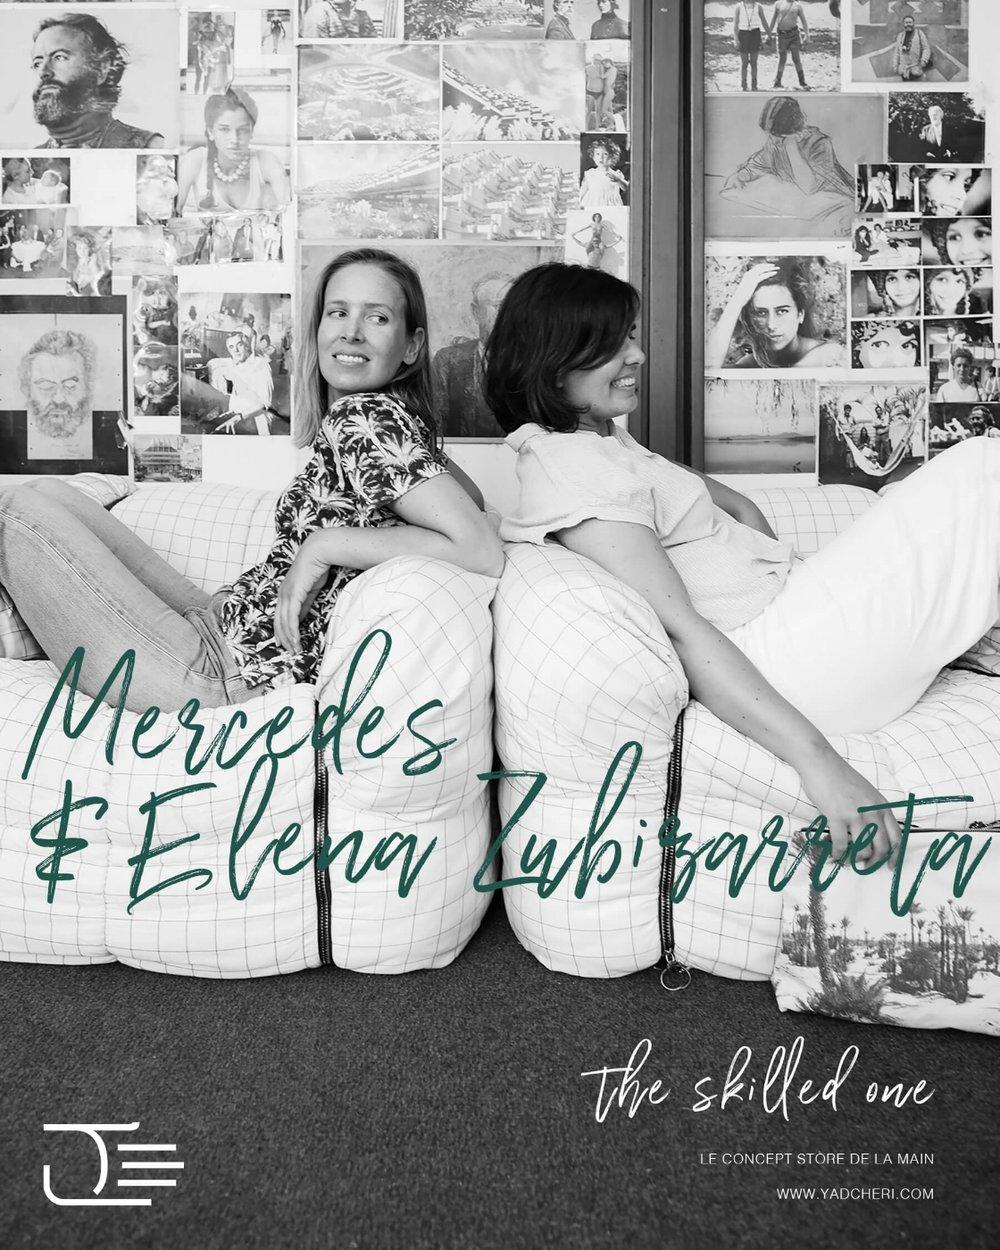 Mercedes_And_Elena_Zubizarreta_The_Skilled_One.jpg